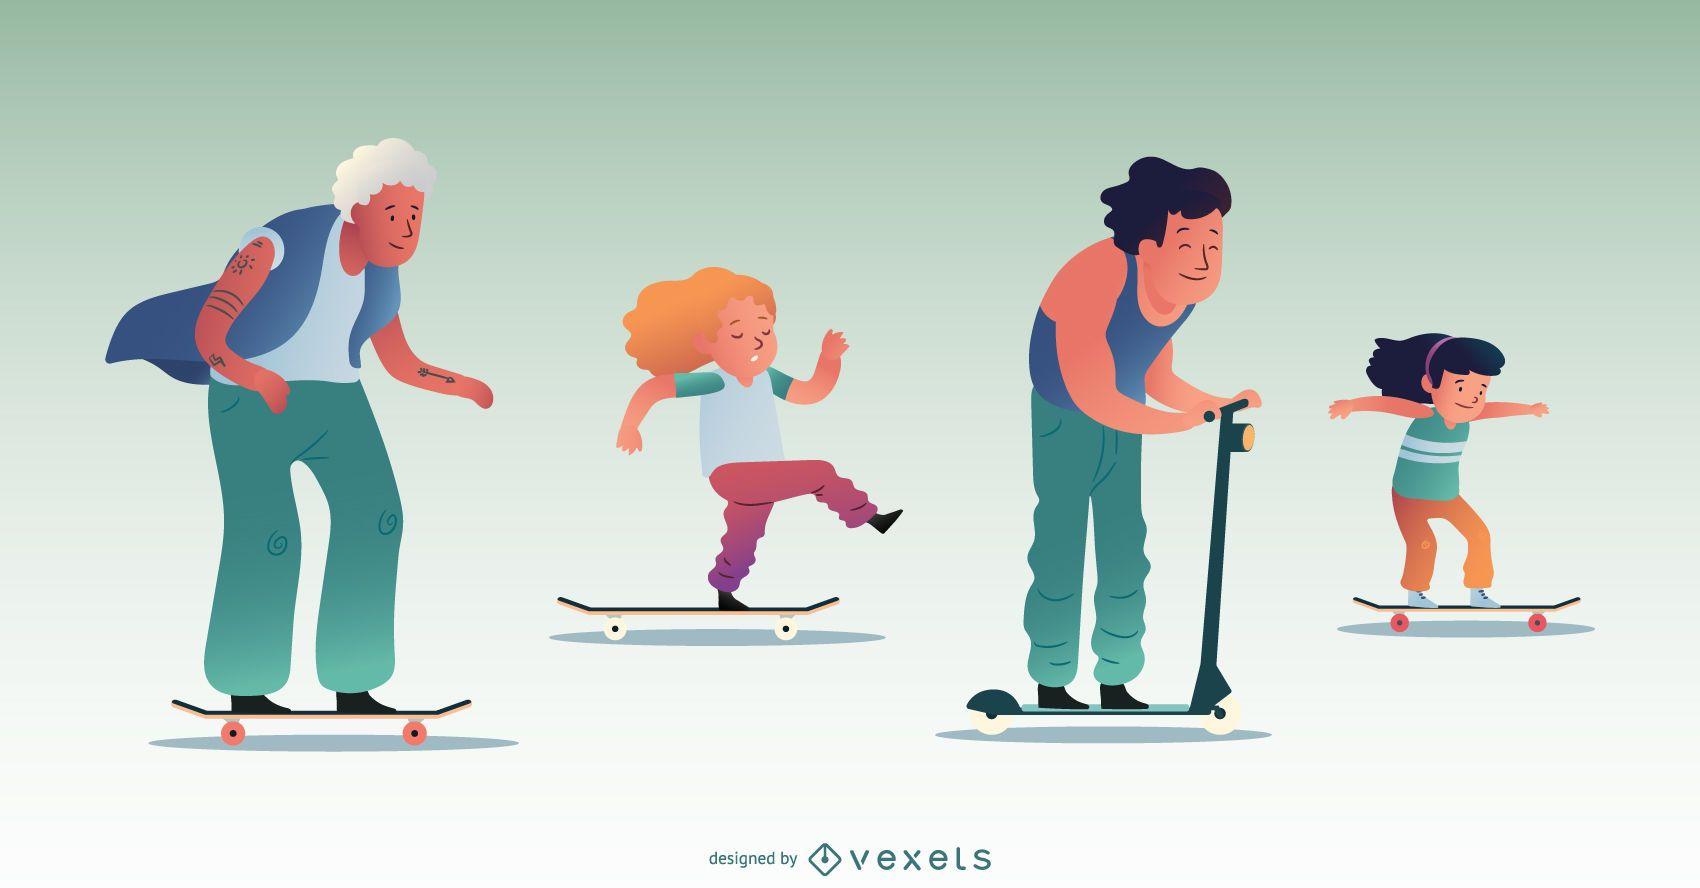 Skating people character set